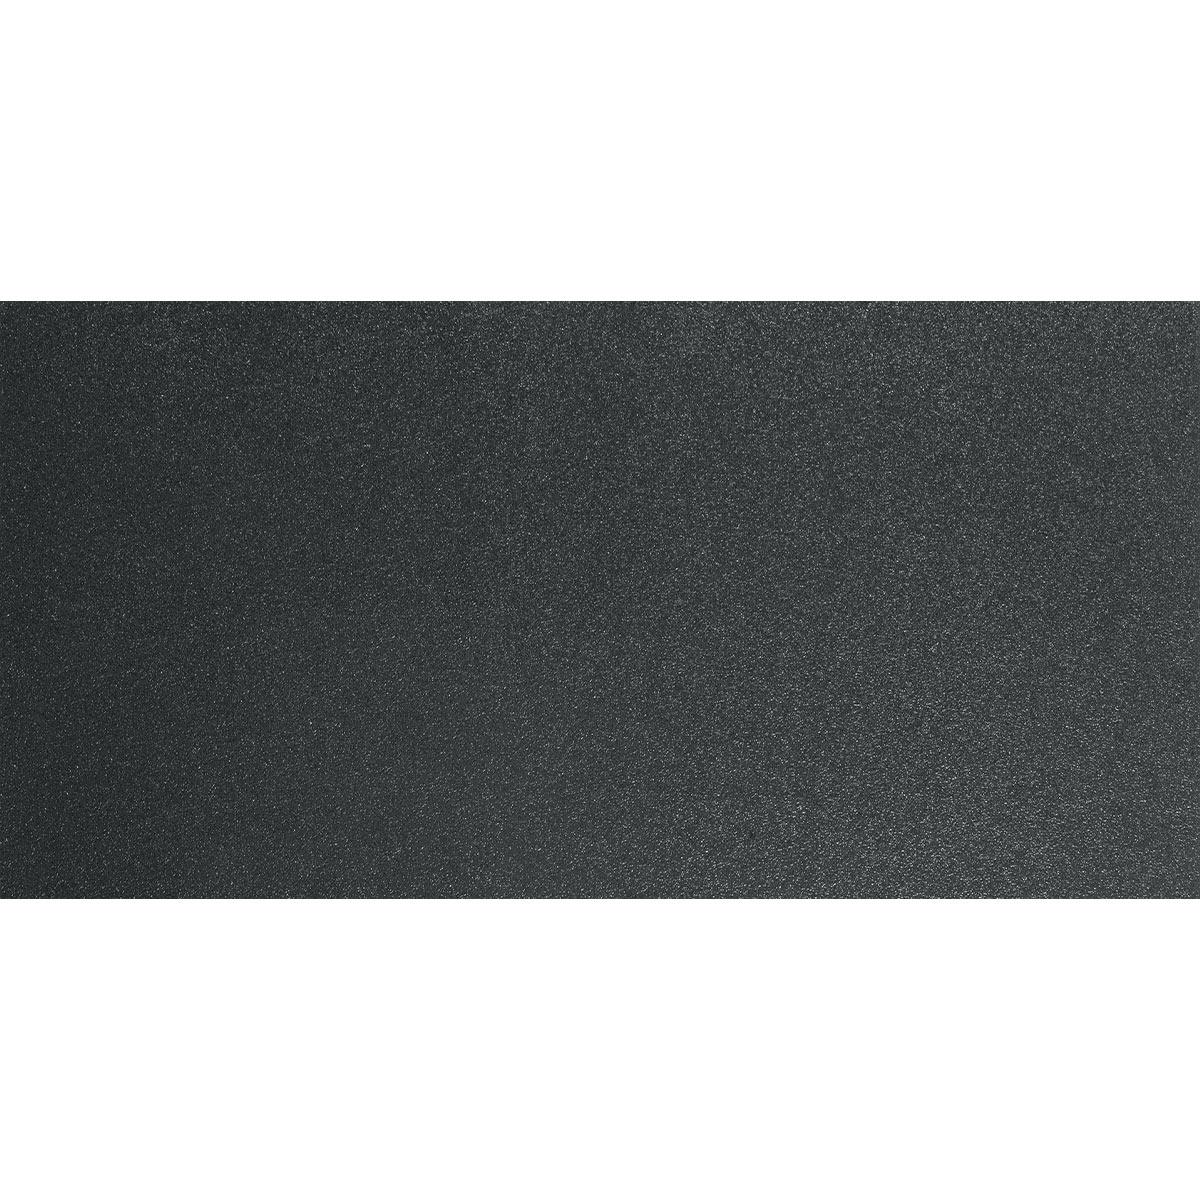 T10483 OMDVJ60F Smart Lux Black 12 X 24